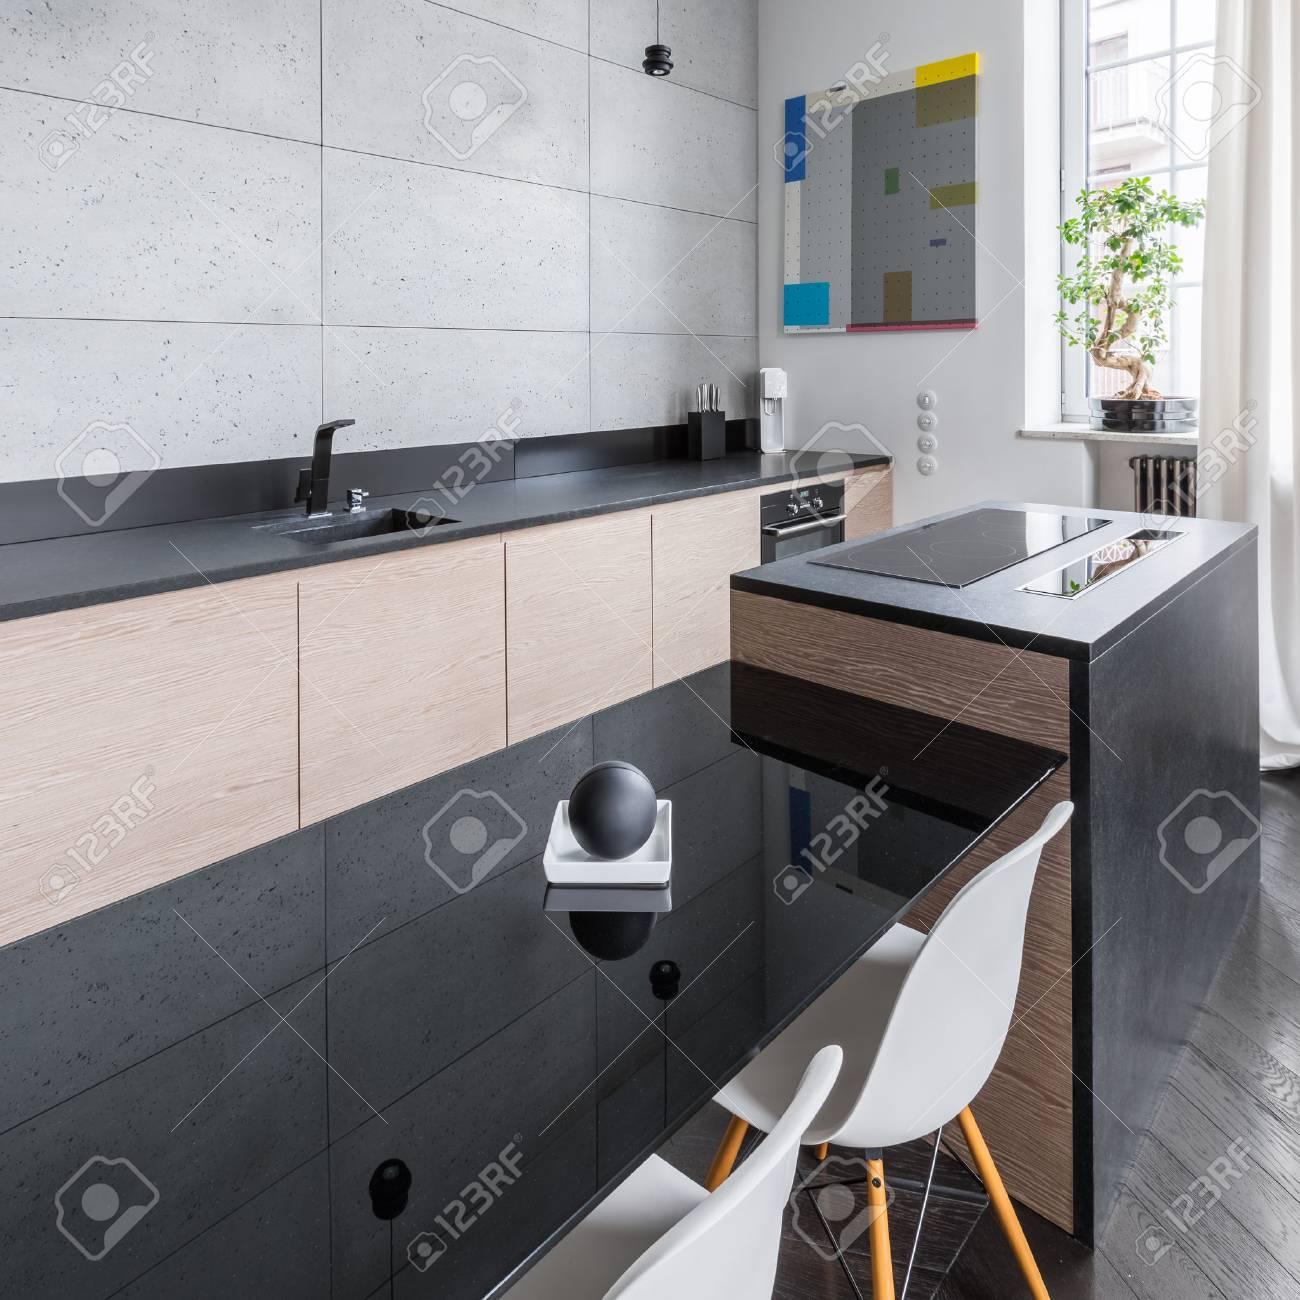 Cuisine moderne et élégante avec comptoir noir et table et chaises blanches